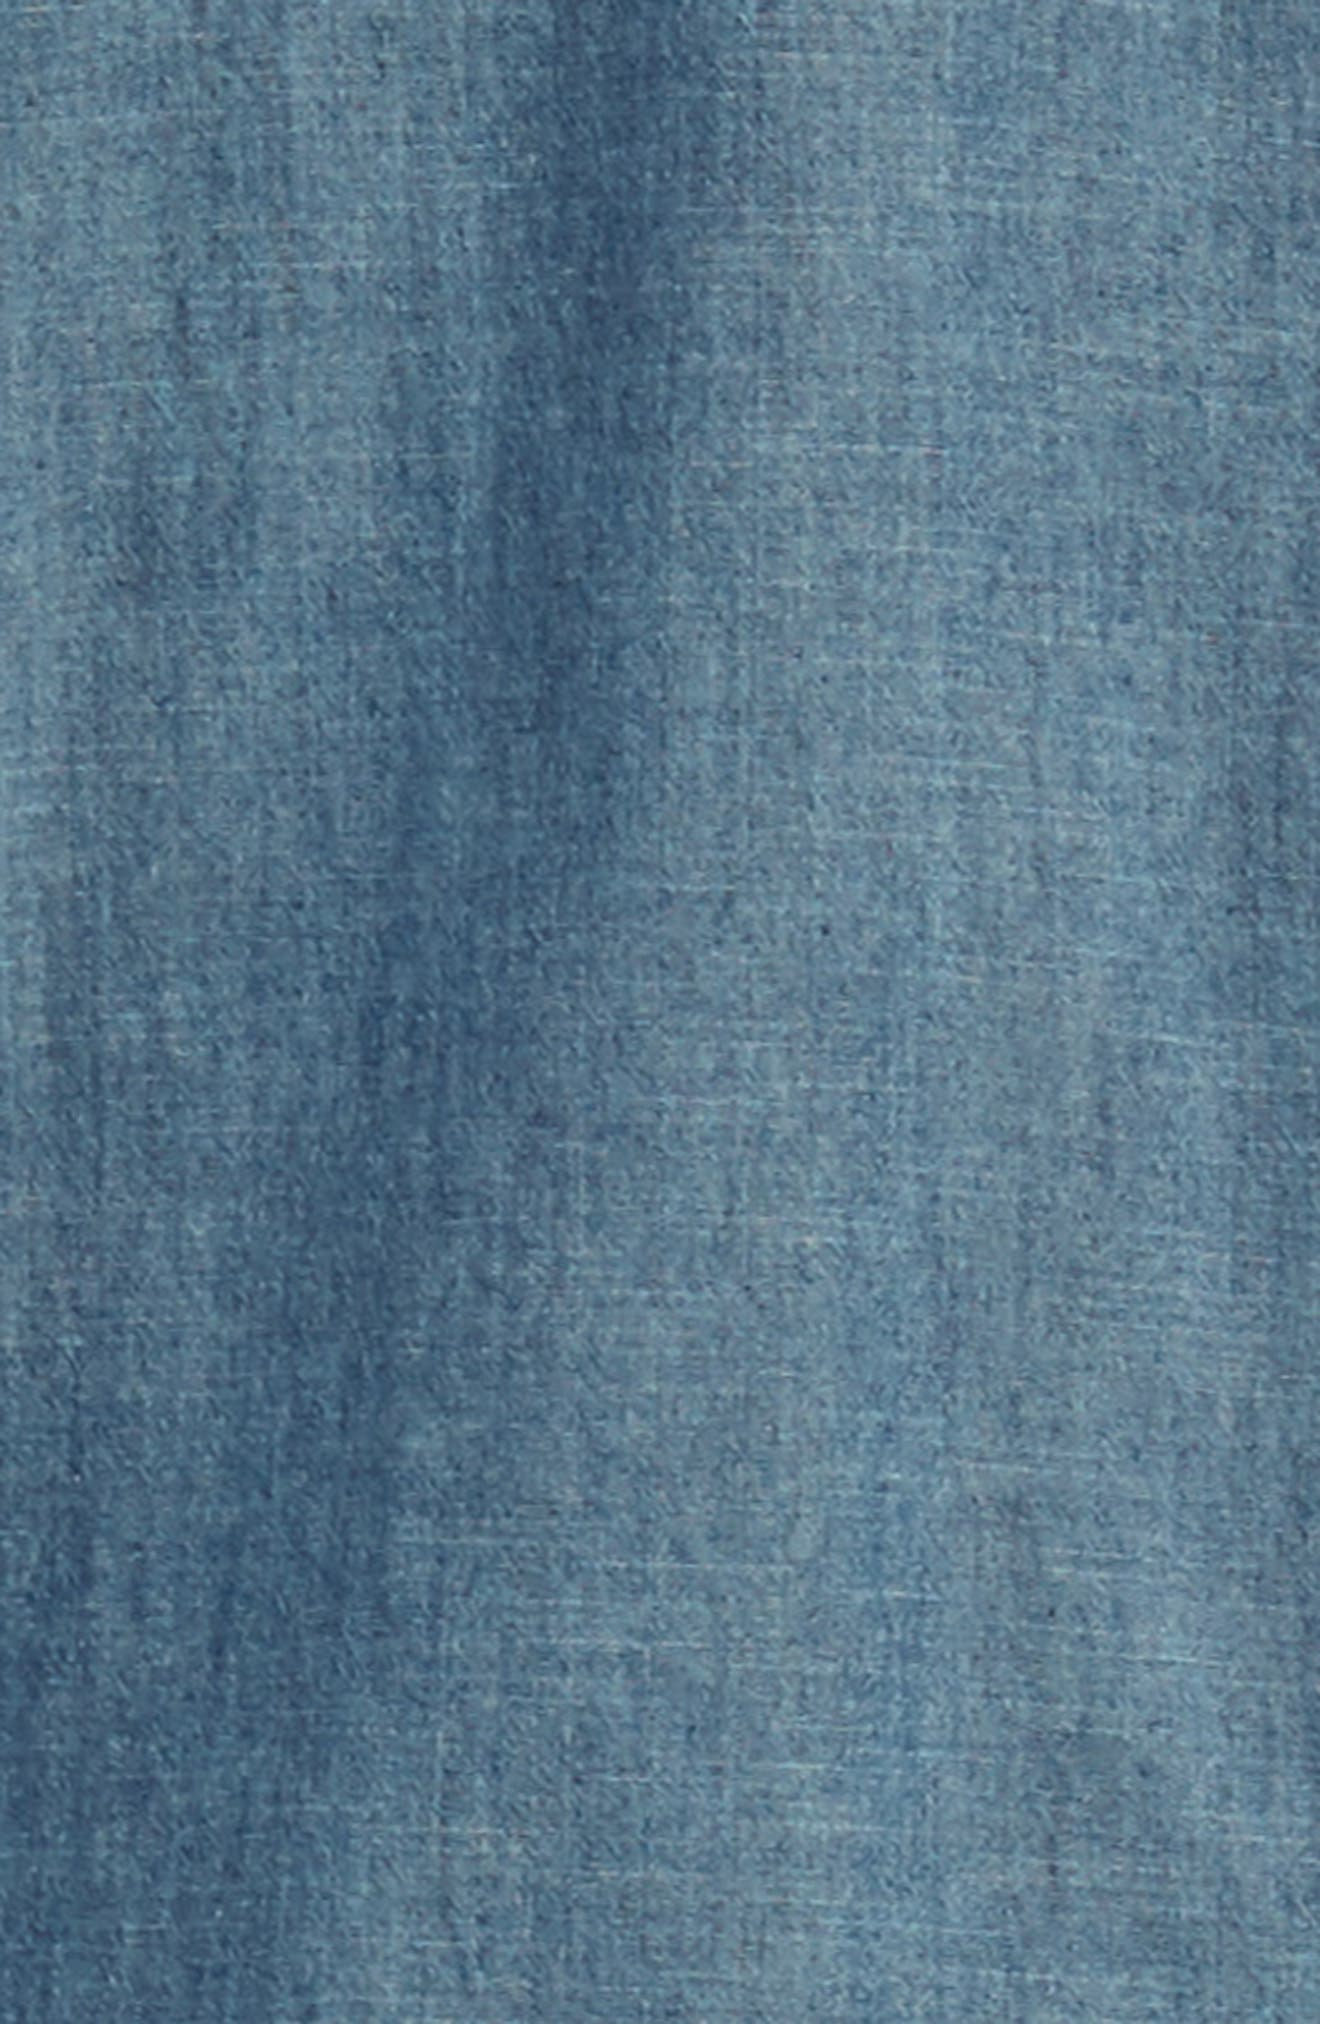 Carlow Chambray Shirt,                             Alternate thumbnail 6, color,                             420